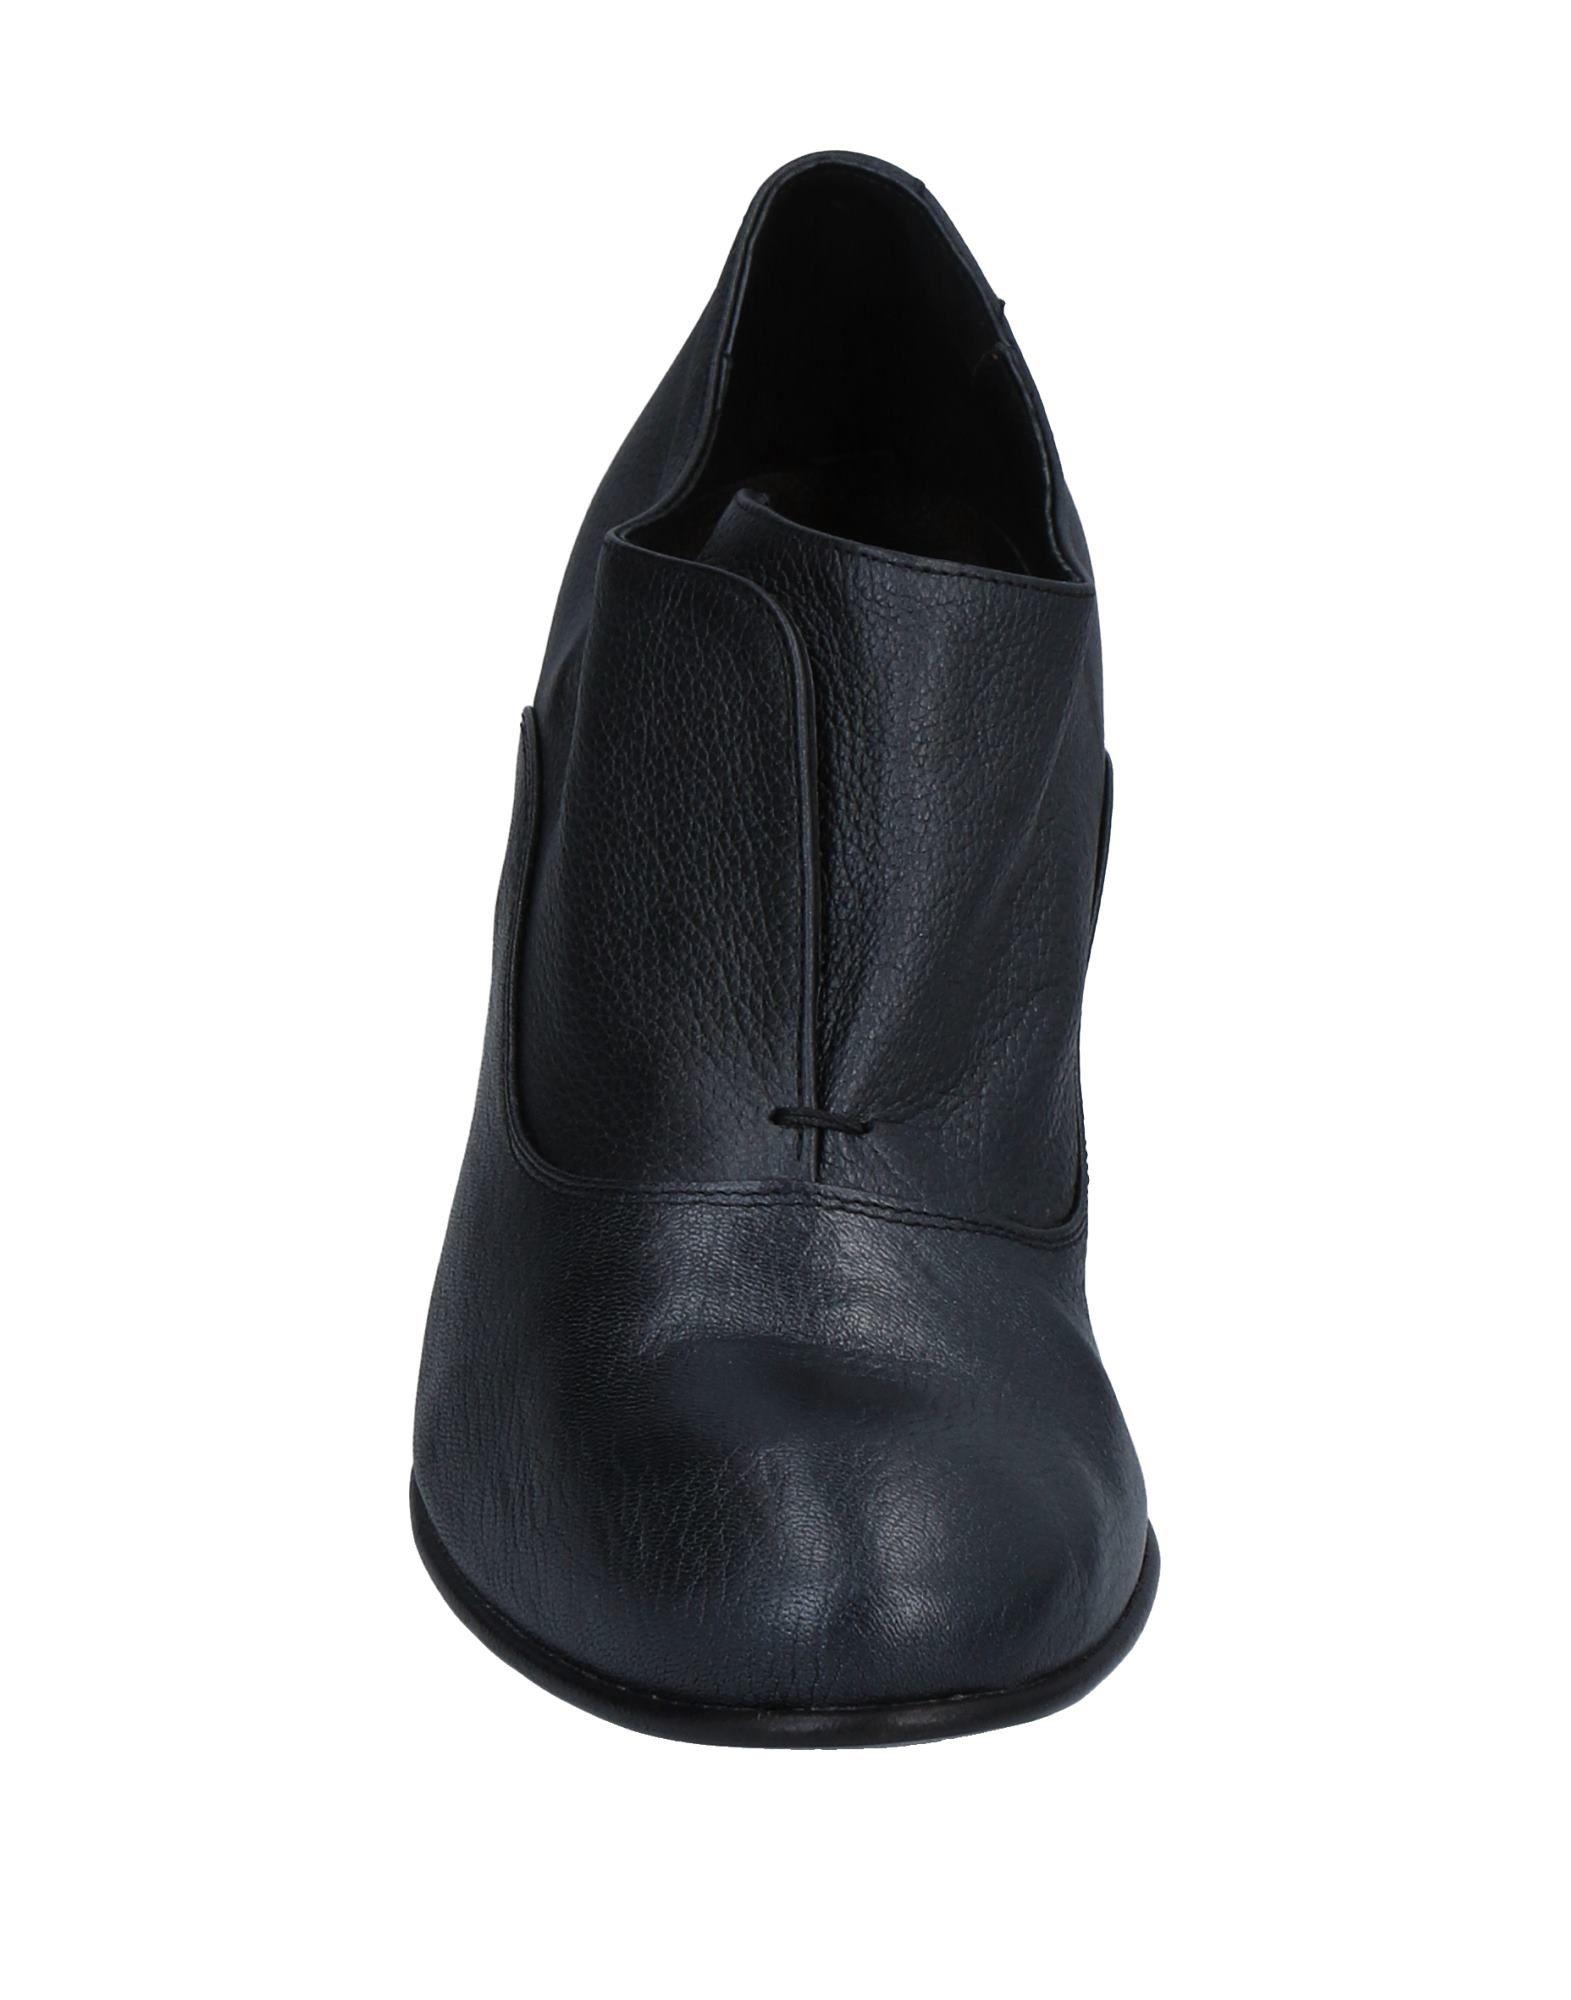 - les les - femmes michelediloco michelediloco bottines bottines en ligne sur l'australie - 11513946nj a28089